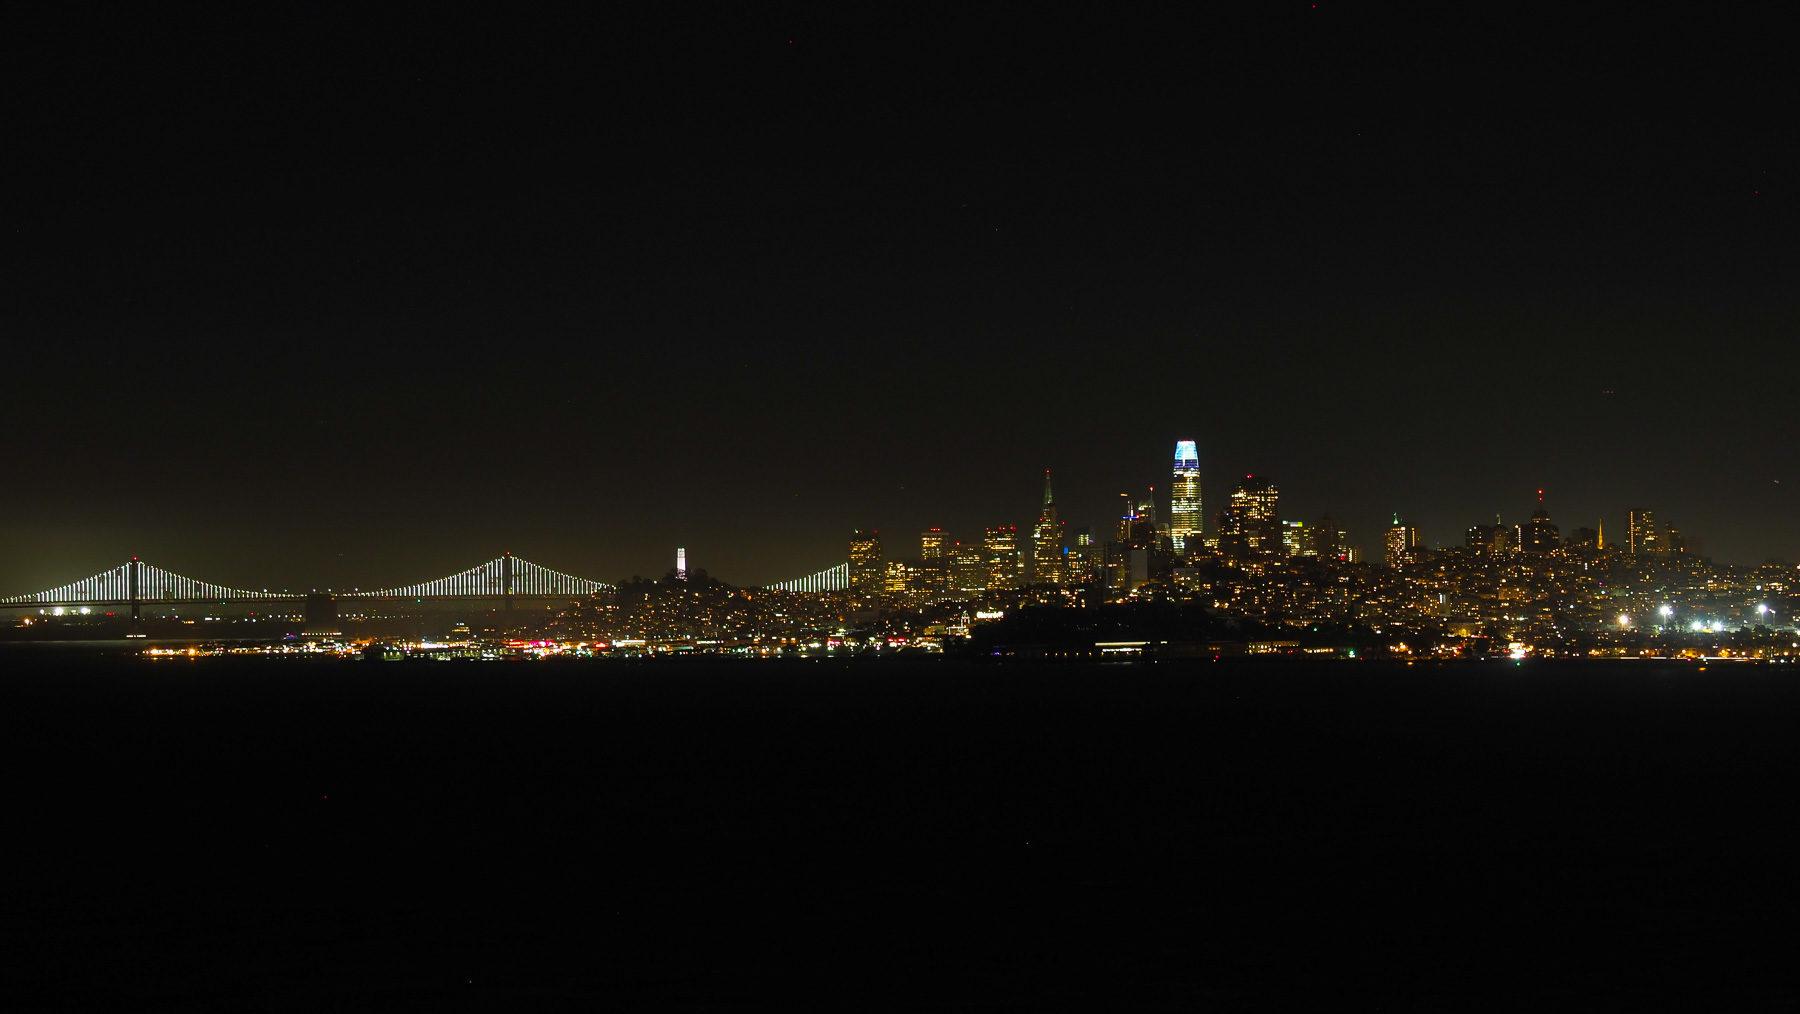 Wunderschöne Skyline bei Nacht